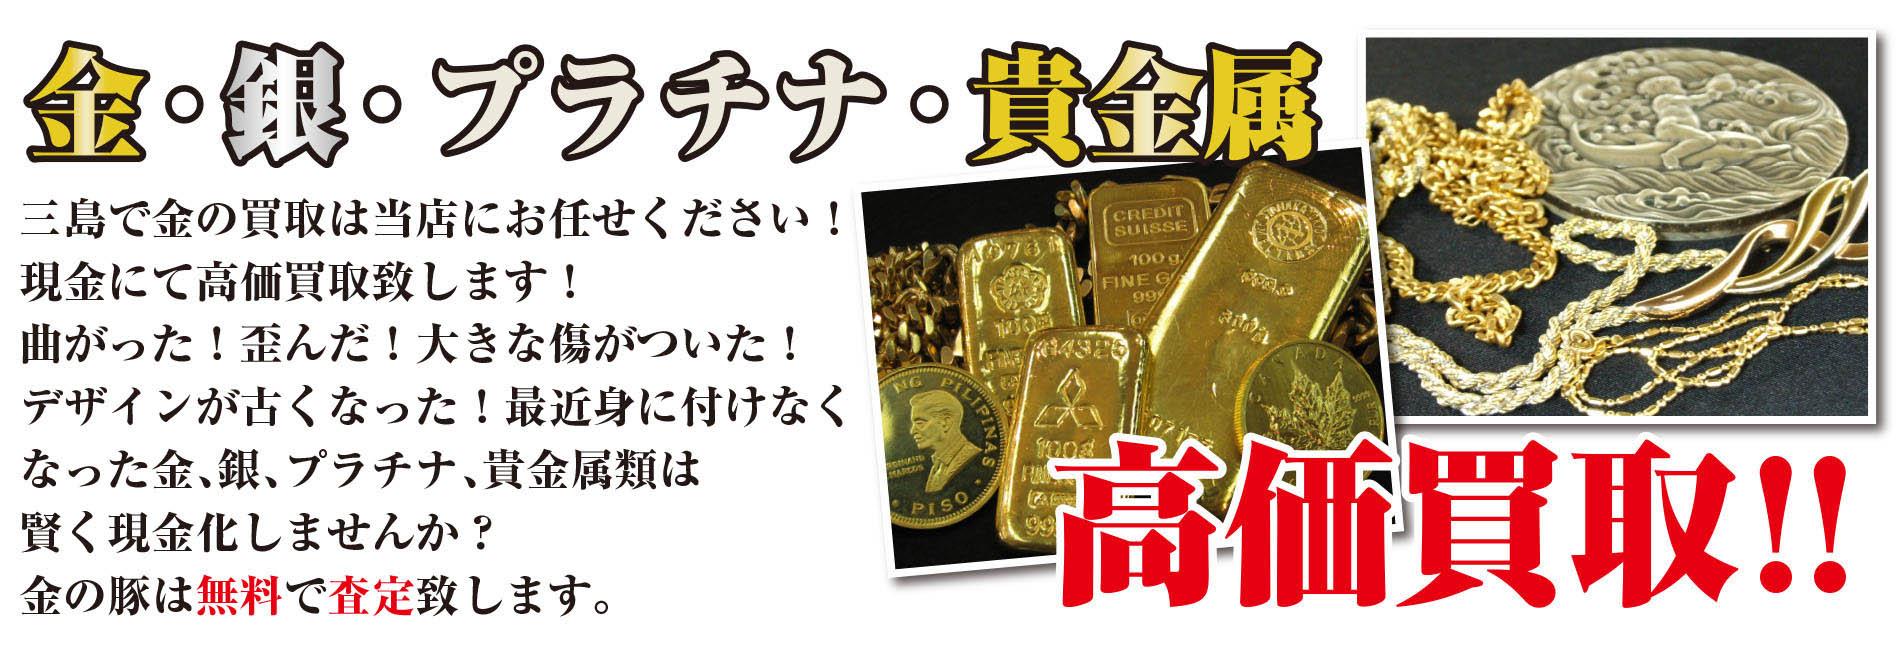 三島で金の買取は当店にお任せください。無料で査定、賢く現金化